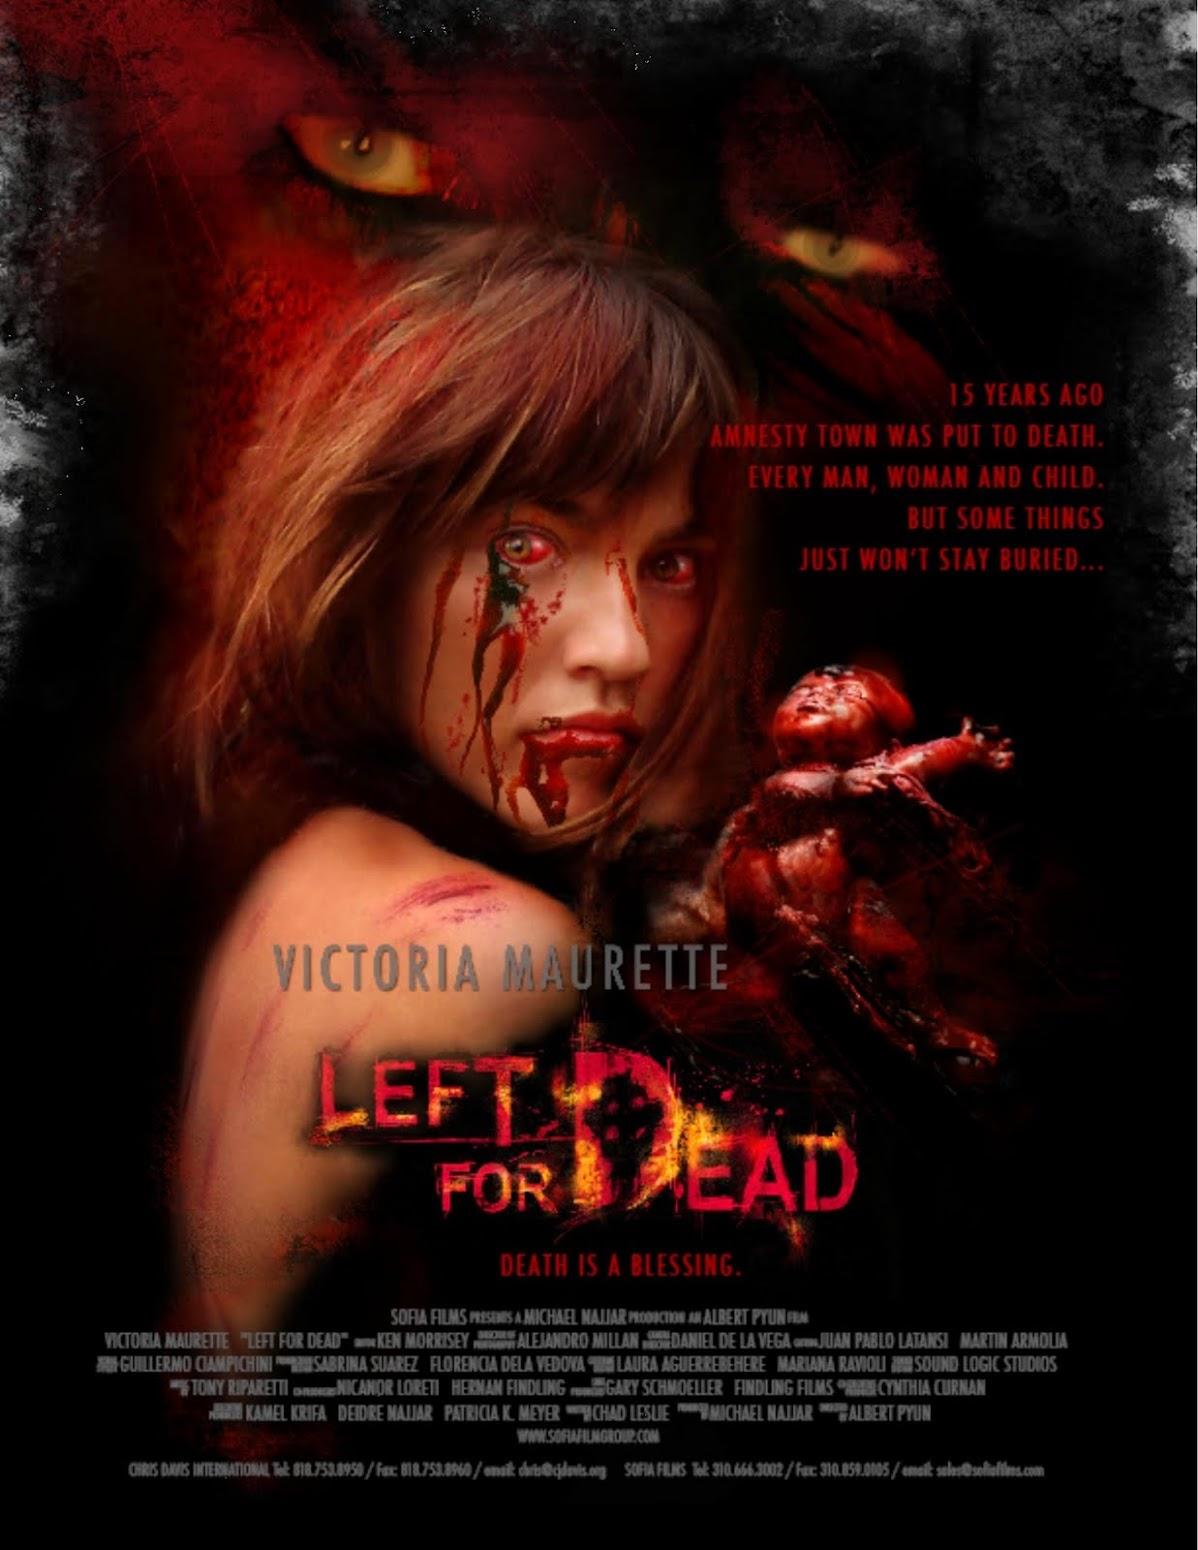 http://2.bp.blogspot.com/_EU5AVlPYiKM/S7M9xNccP0I/AAAAAAAAF9o/RVYu5Qc_fI0/s1550/left_for_dead_poster_01.jpg